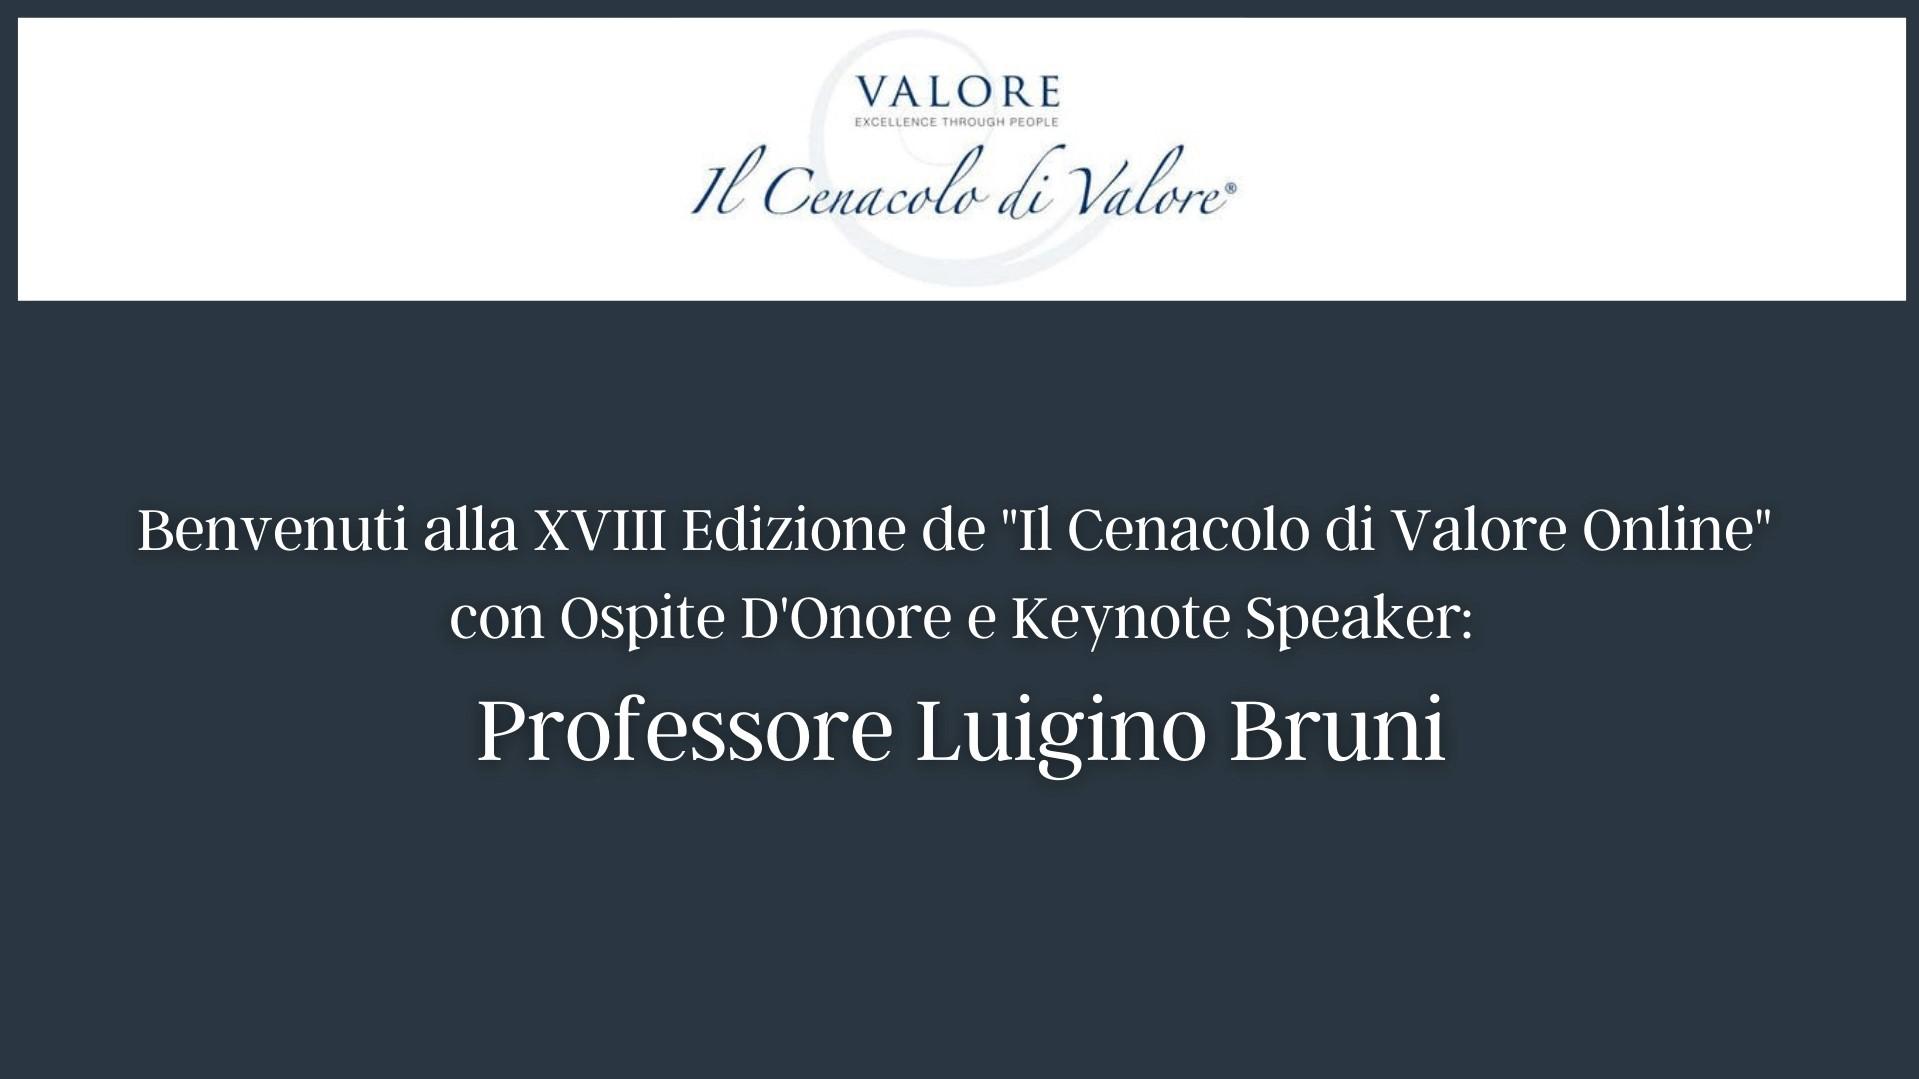 XVII Edizione Online de ' Il Cenacolo di Valore ' - Keynote Speaker Professor Luigino Bruni